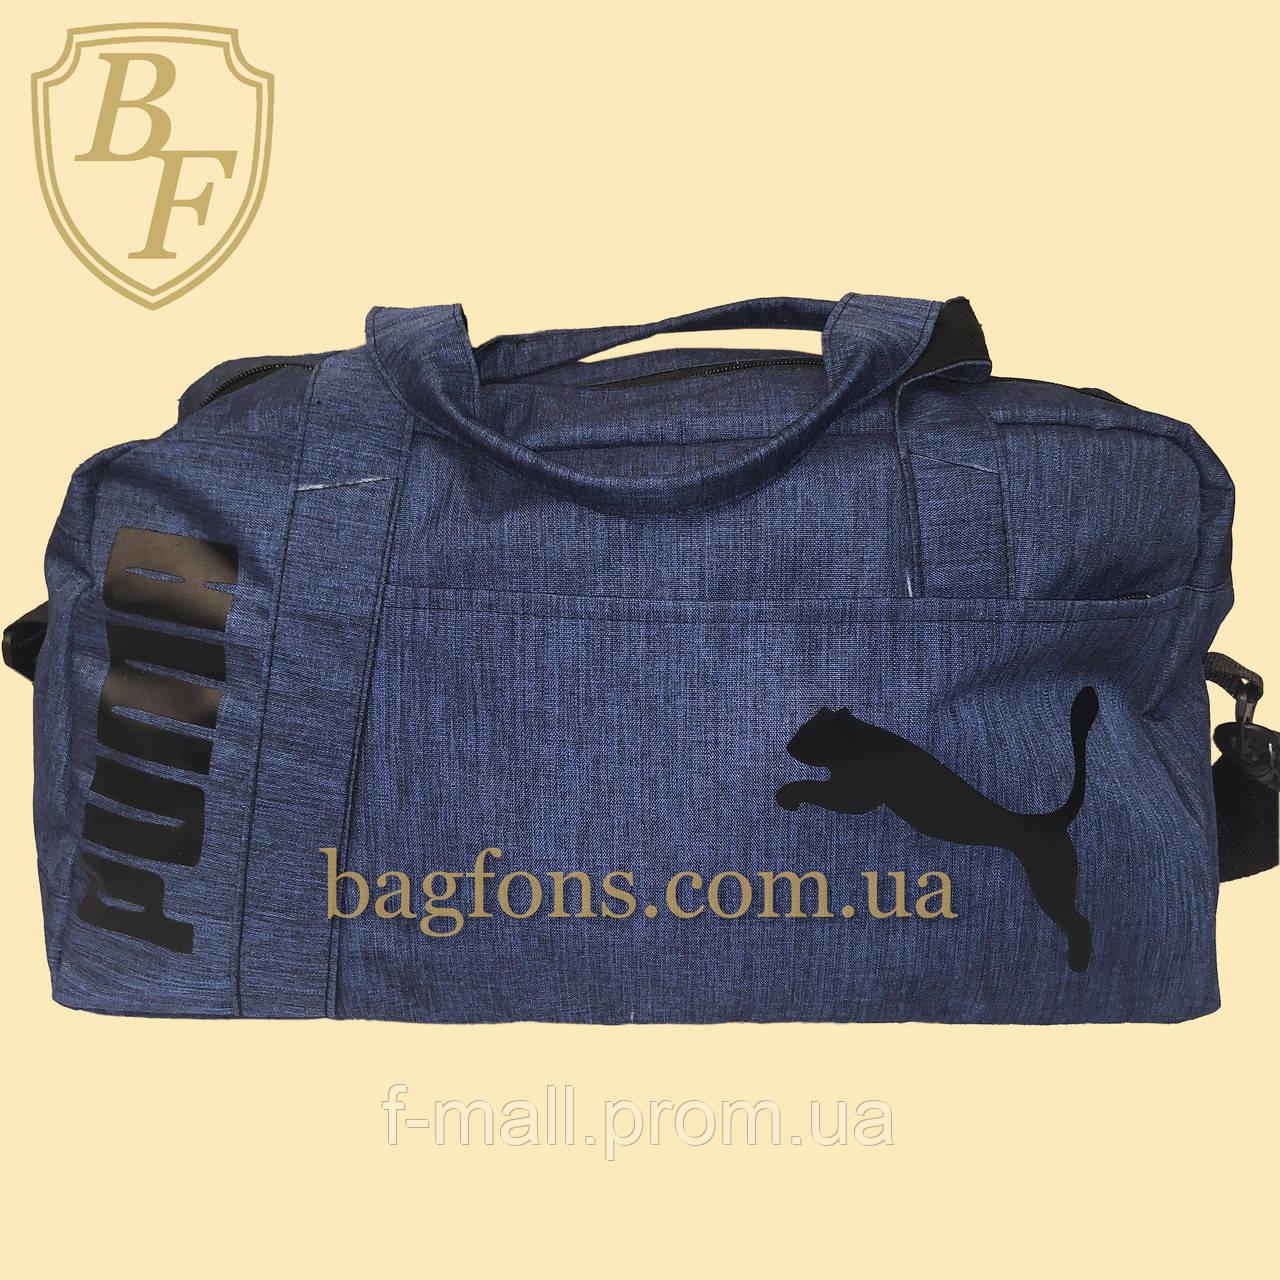 Дорожная спортивная сумка  PUMA -25л.